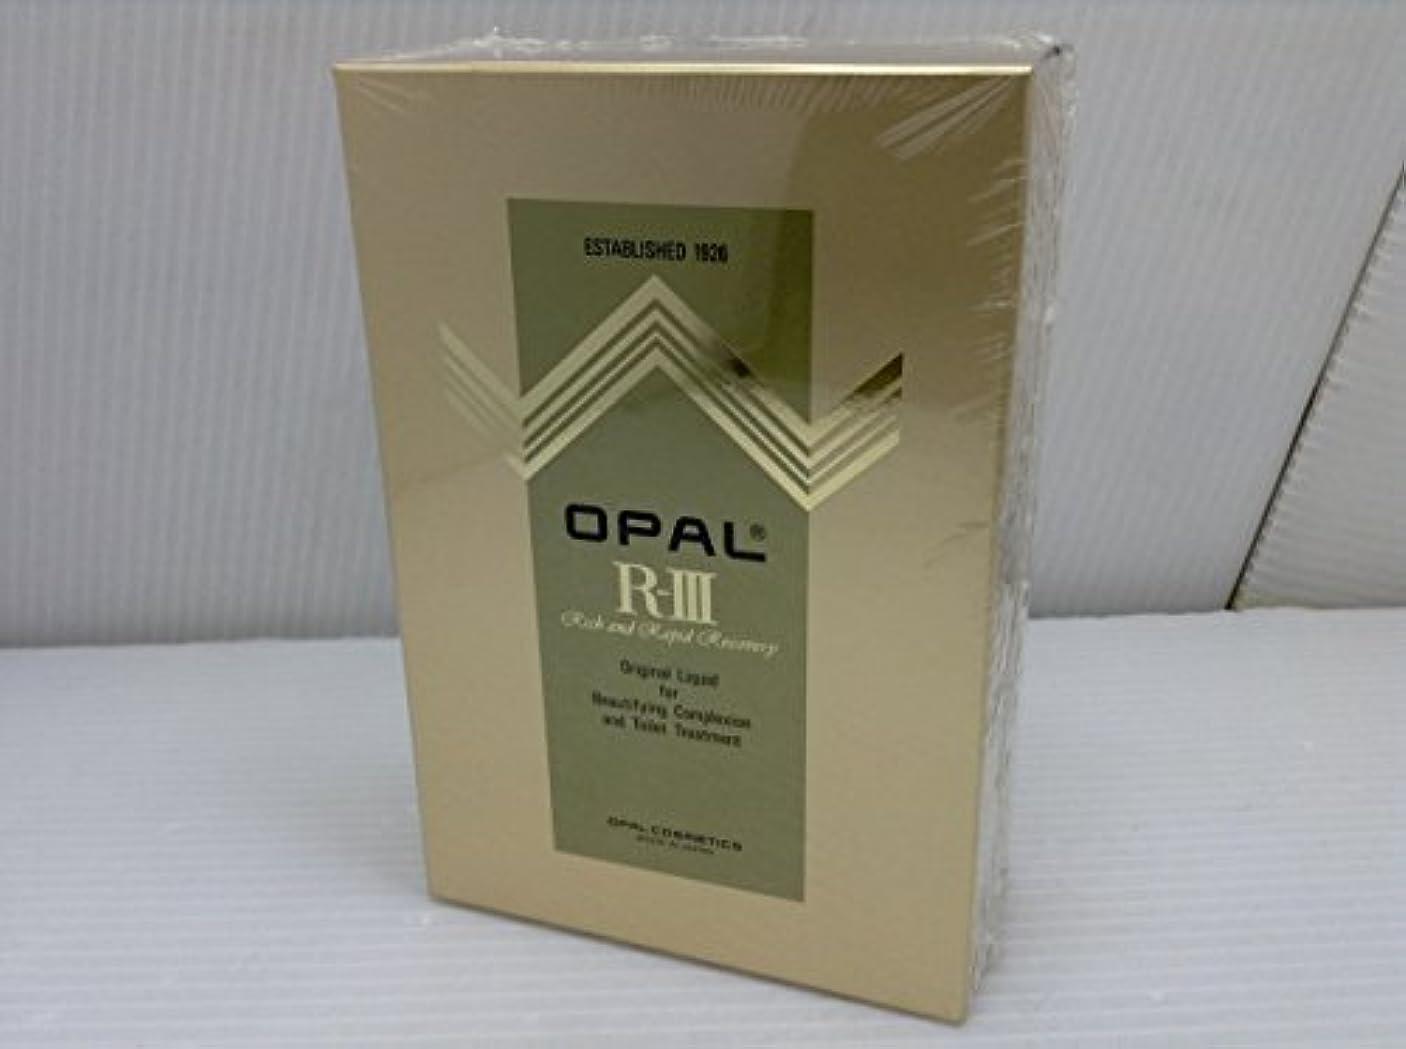 マッサージ一貫性のない苦痛オパール化粧品 美容原液 薬用オパール R-III (250ml)